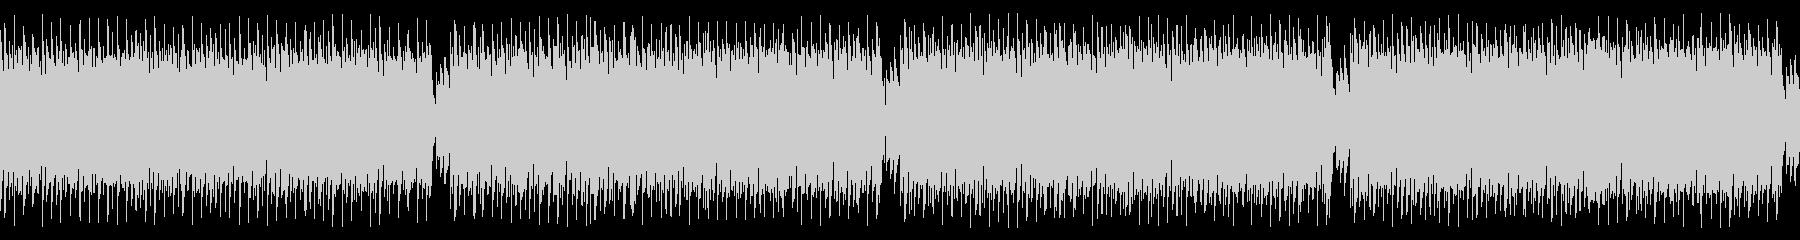 ループ仕様・キャッチーなギターロックの未再生の波形